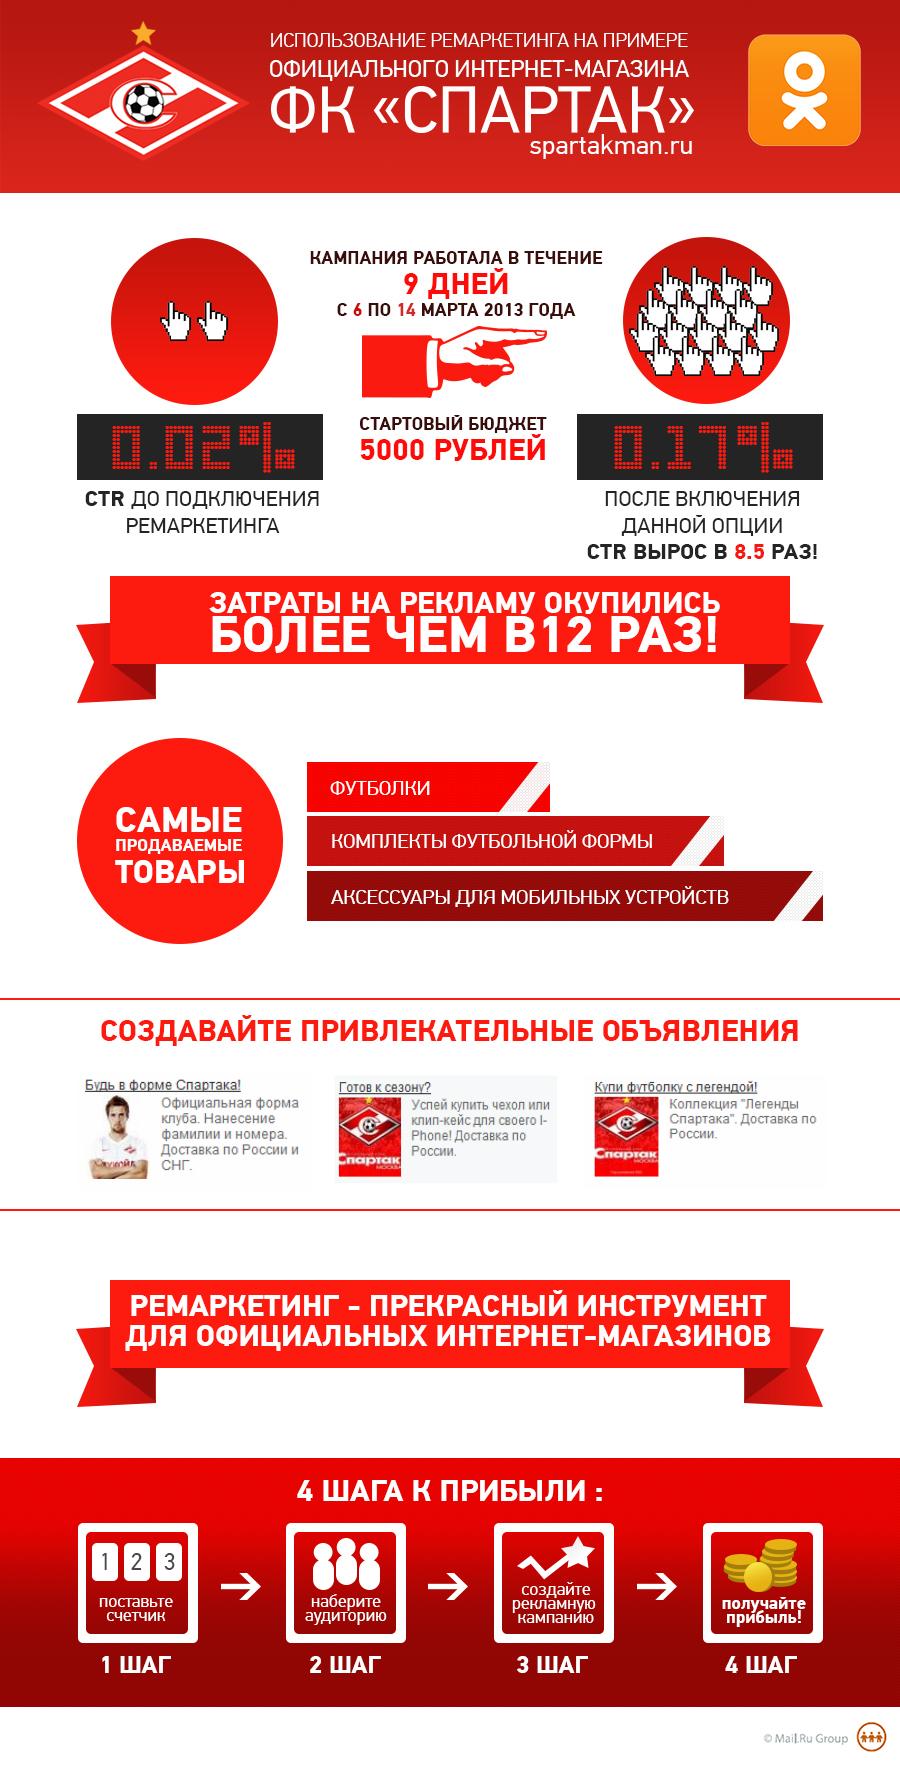 Одноклассники инфографика - 4